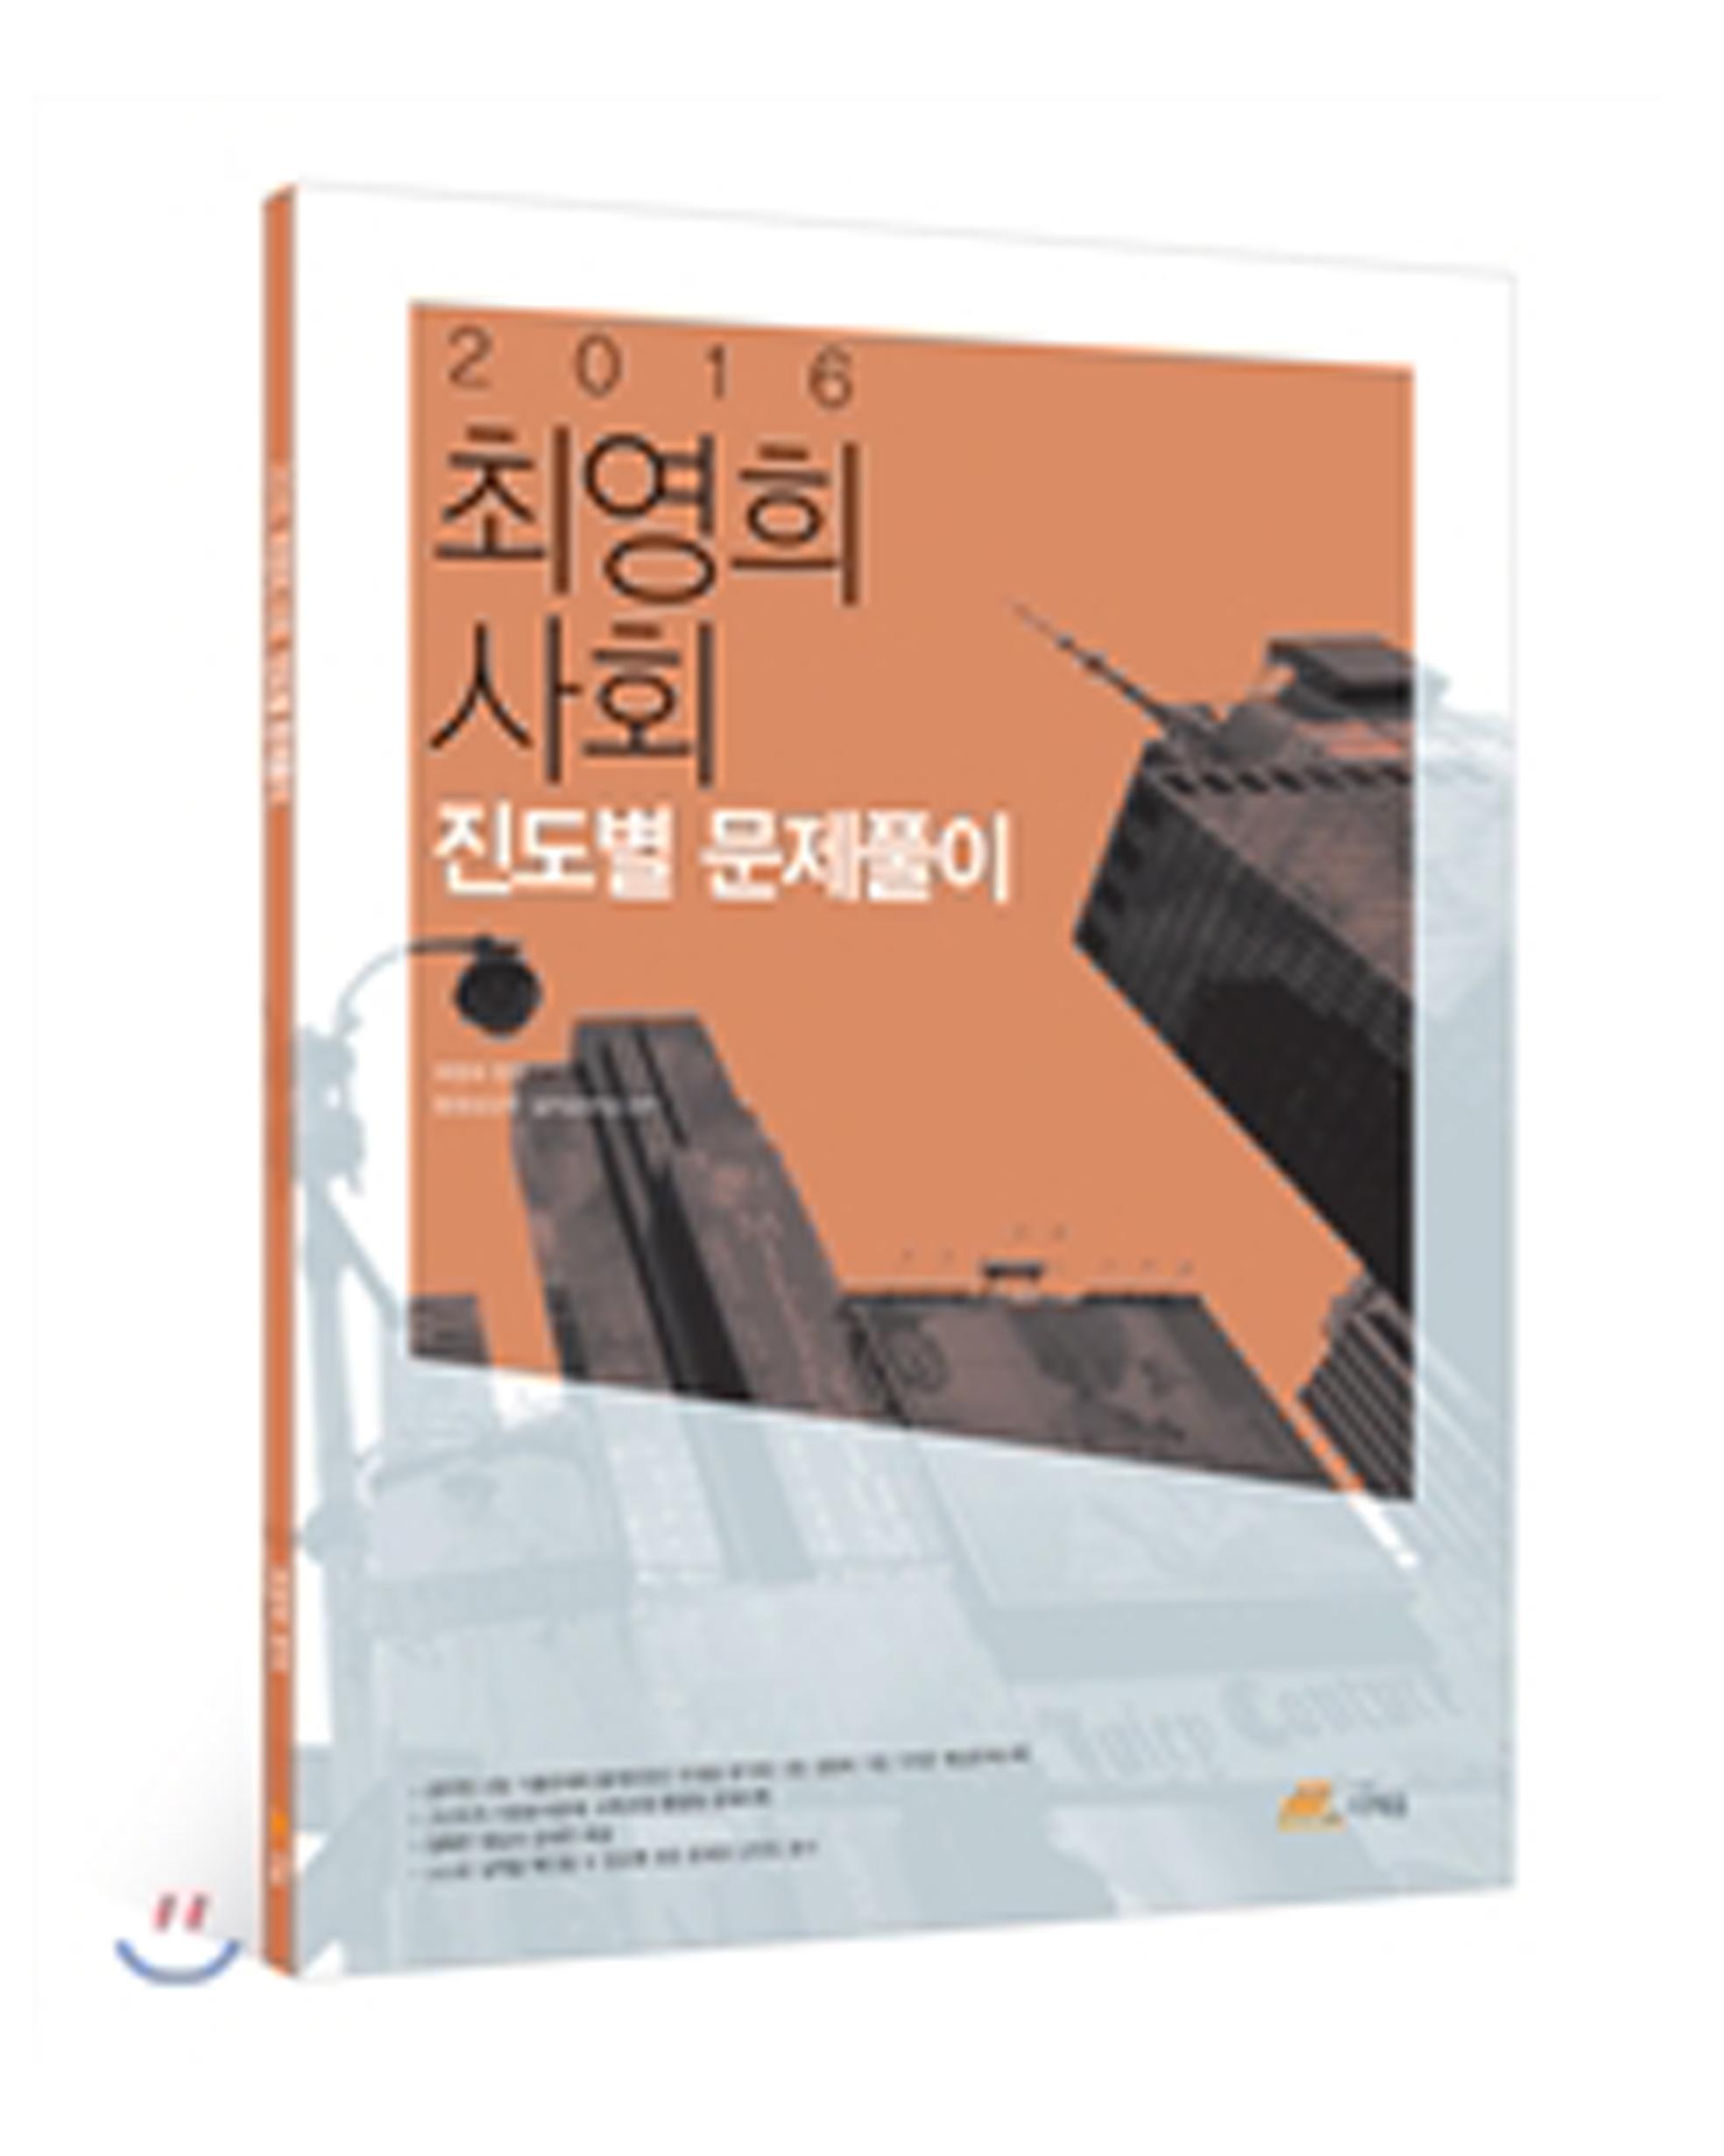 2016 최영희 사회 진도별 문제풀이